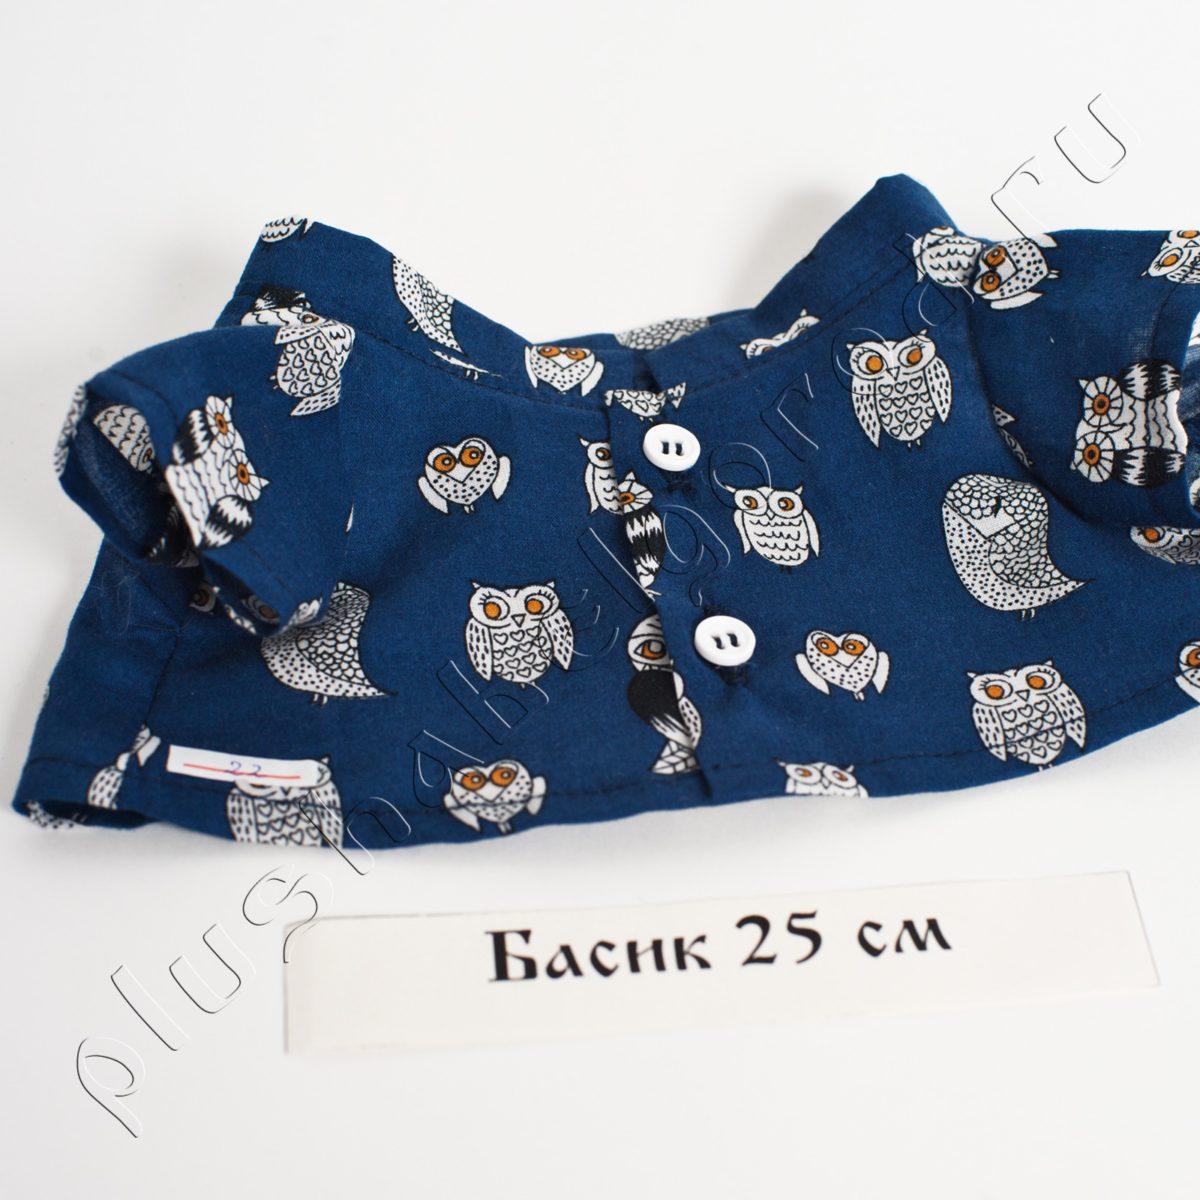 Рубашка синяя с совами(25 см)